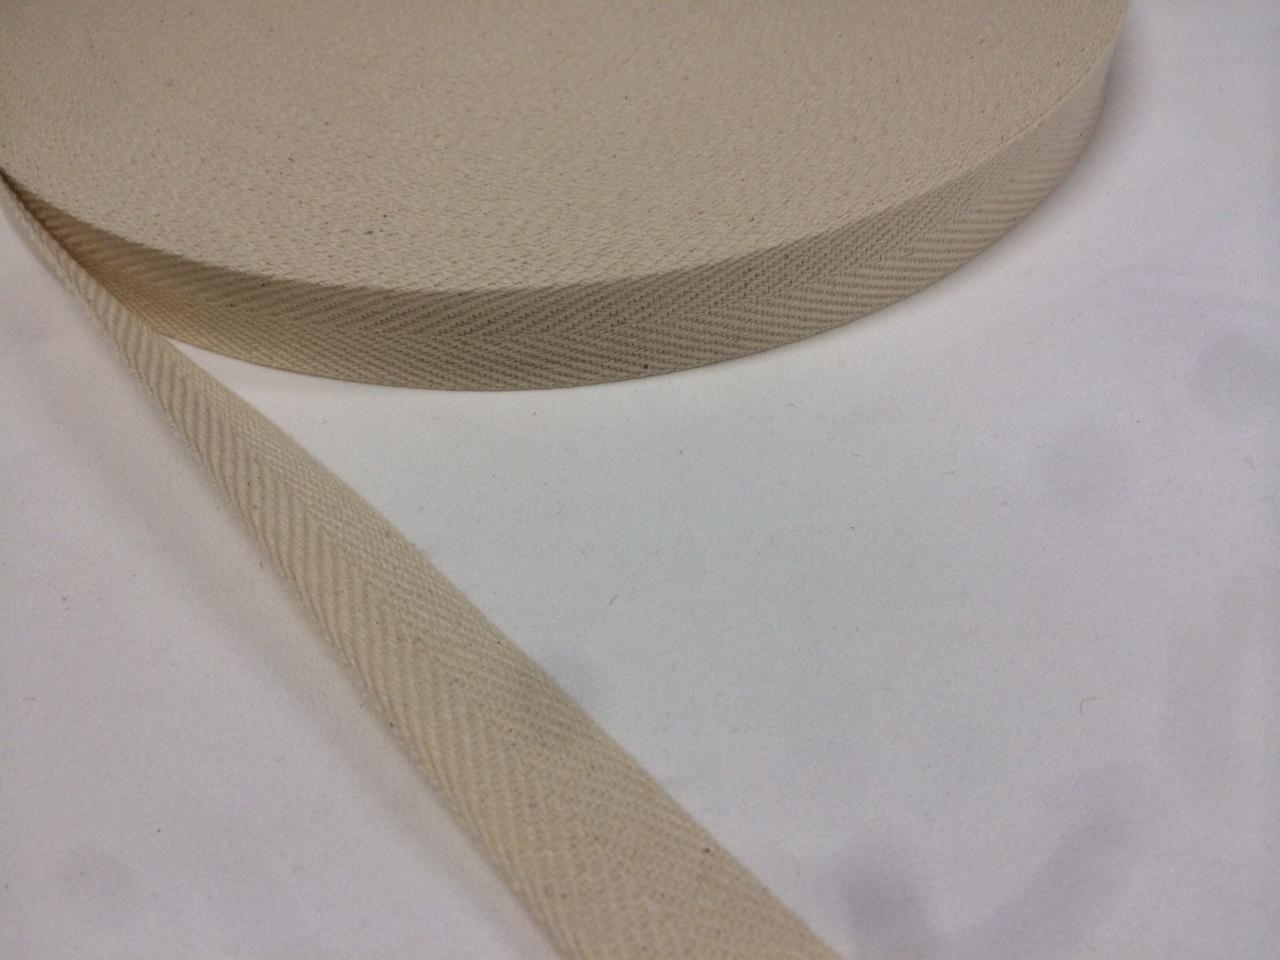 綿 コットン 杉綾 (綾テープ) 1㎜厚 25㎜幅 50m巻